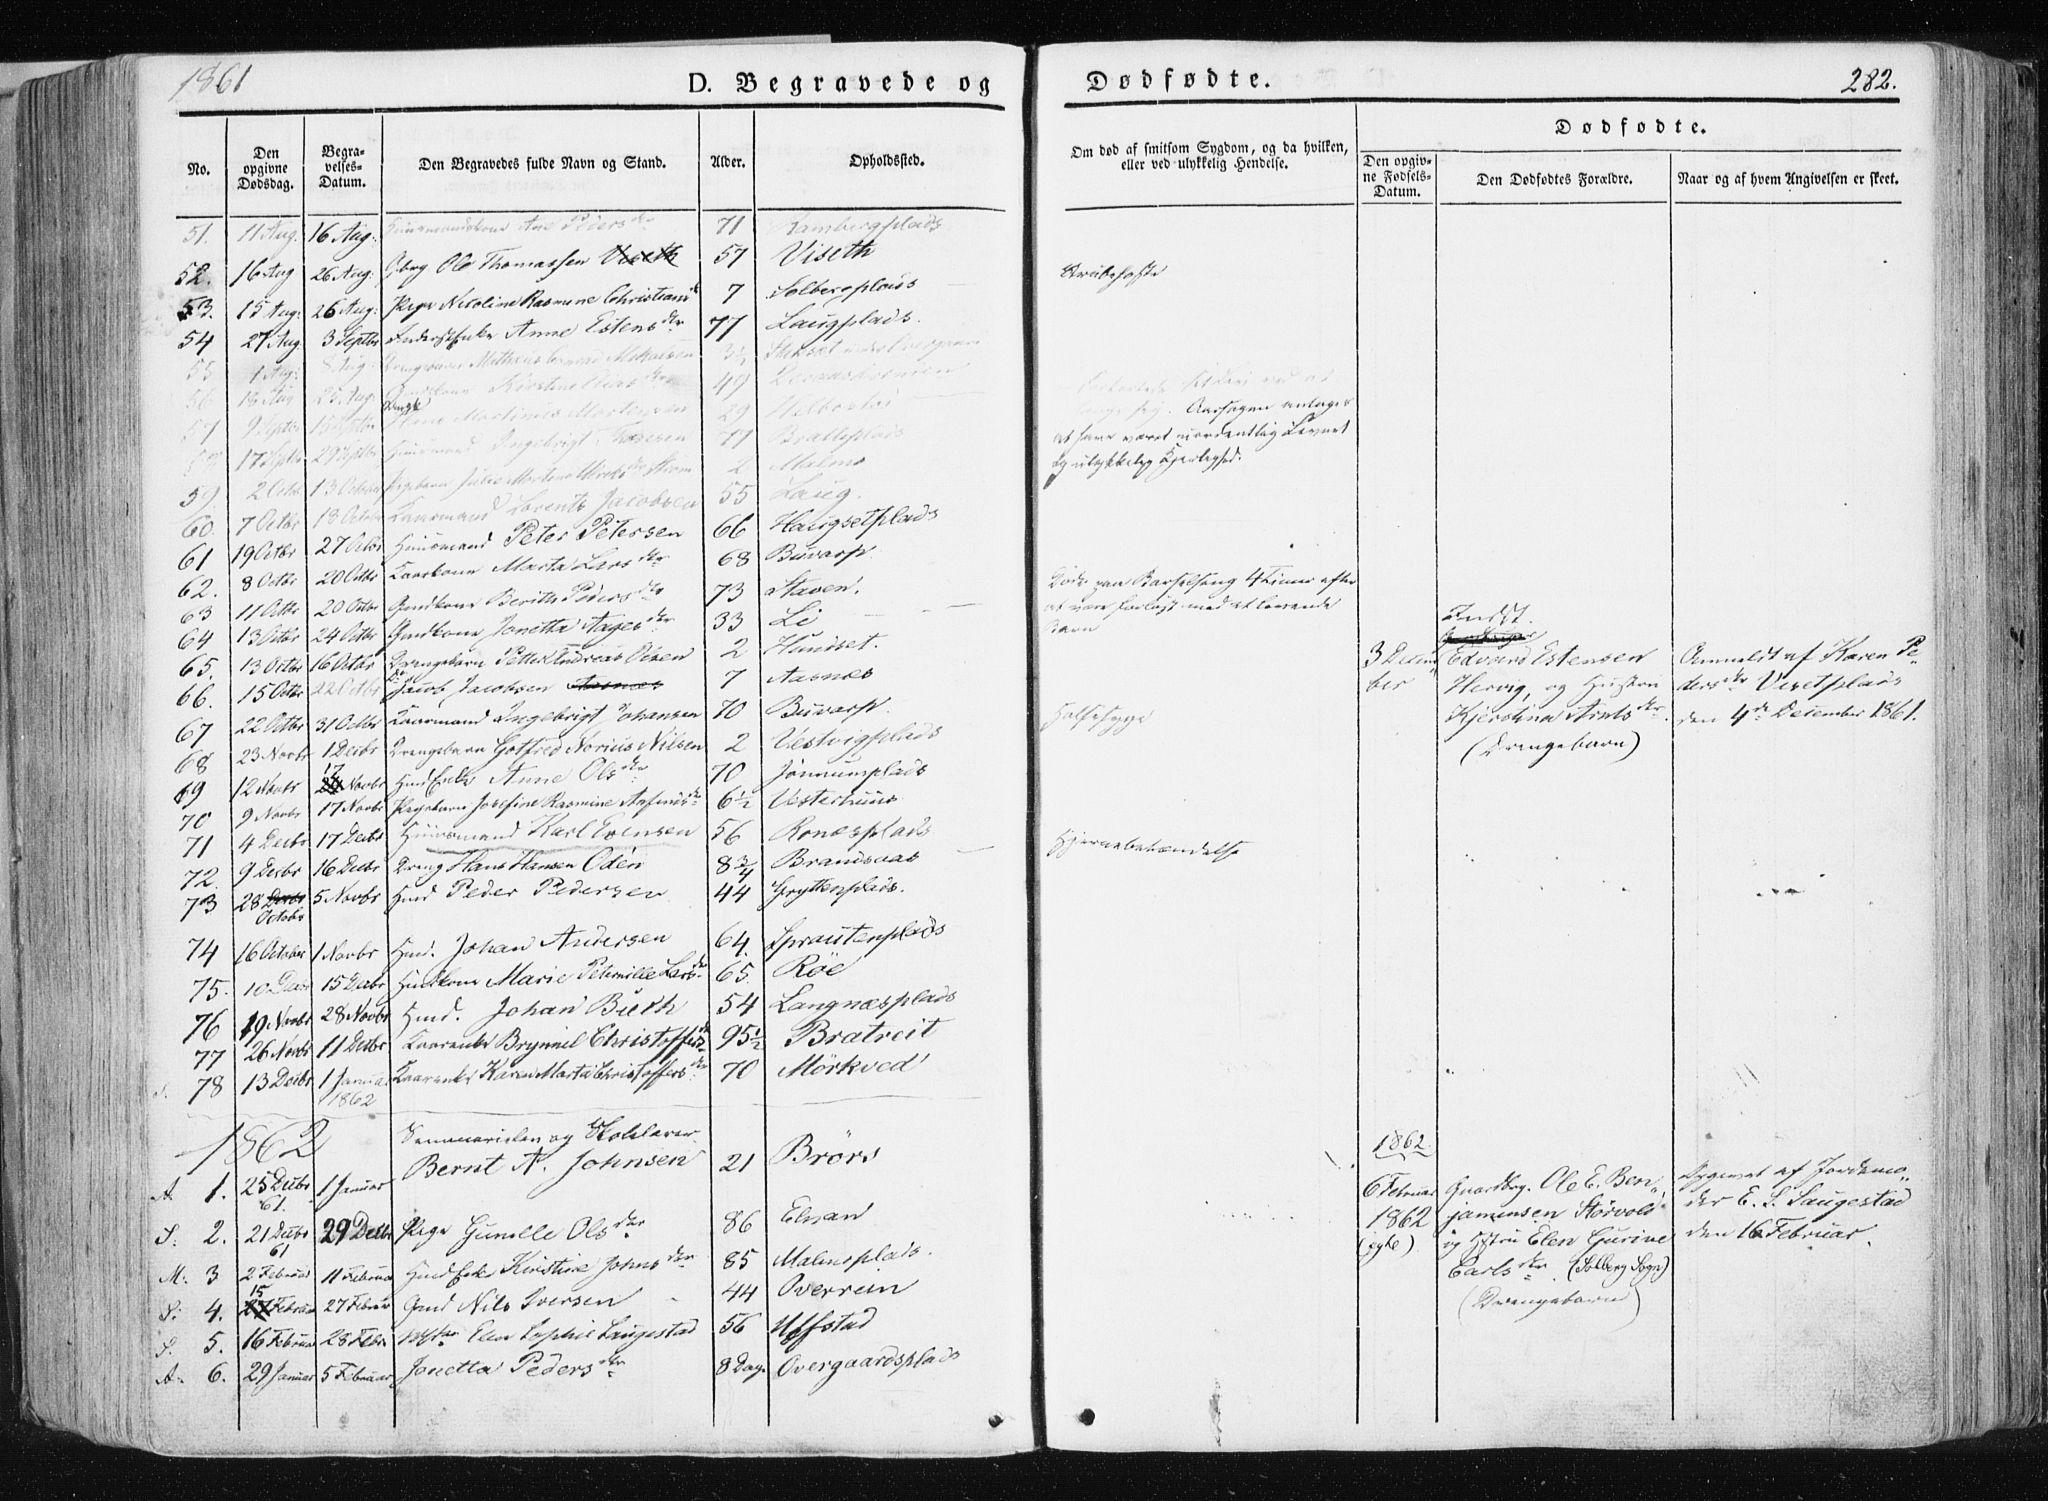 SAT, Ministerialprotokoller, klokkerbøker og fødselsregistre - Nord-Trøndelag, 741/L0393: Ministerialbok nr. 741A07, 1849-1863, s. 282